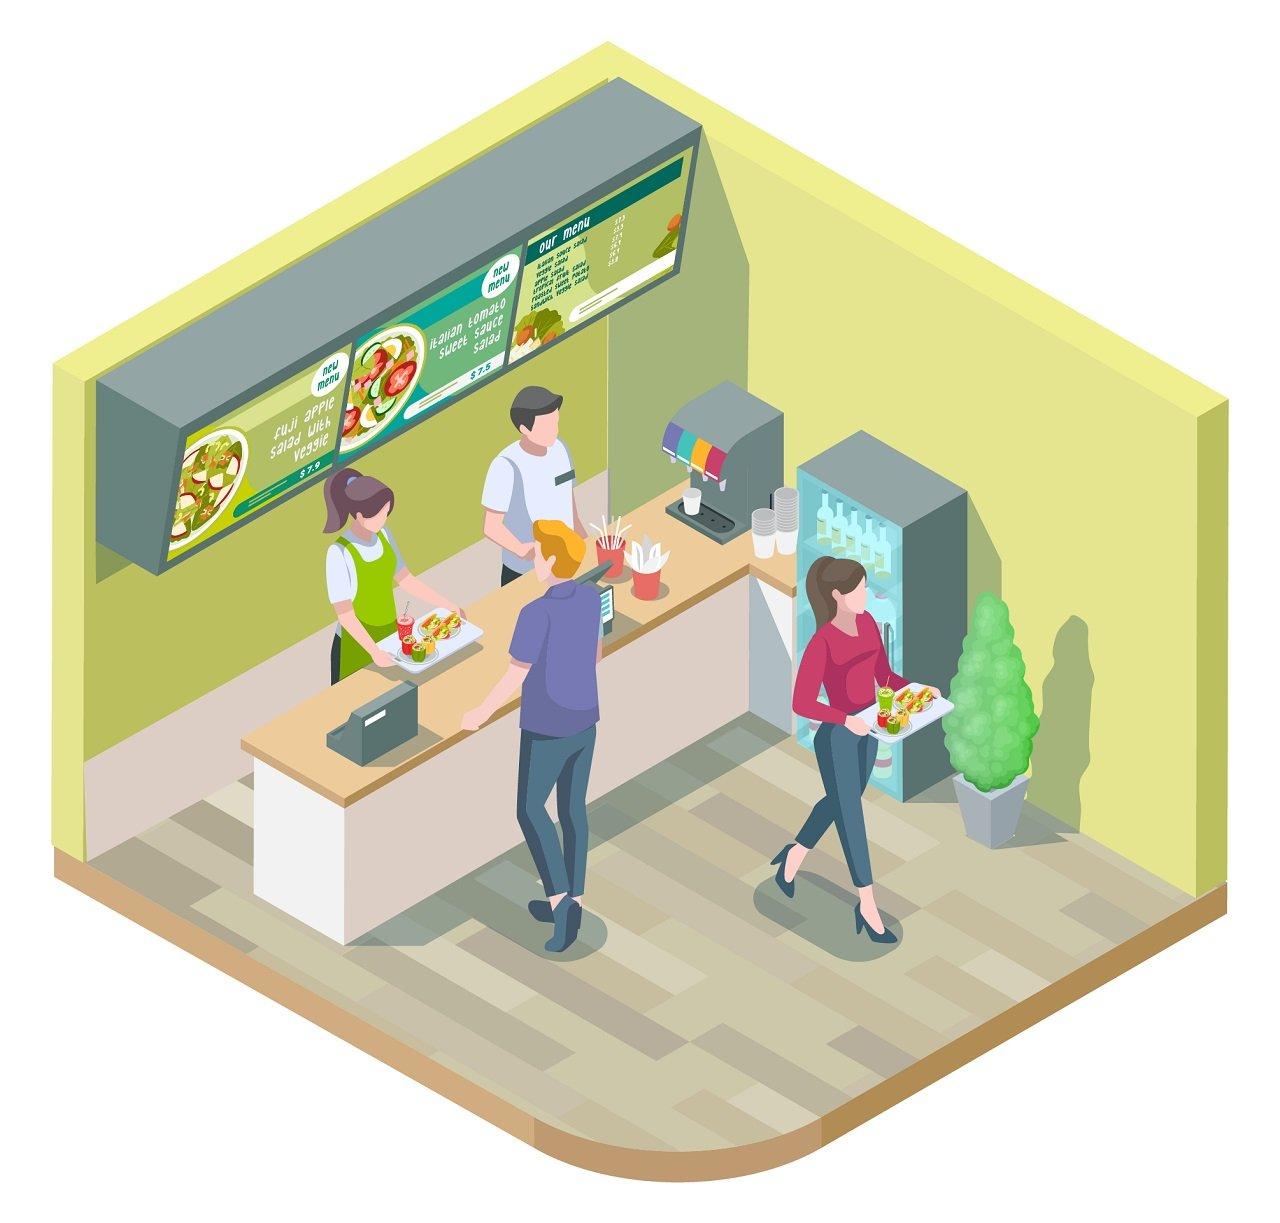 digital menu board for restaurant or coffee shop